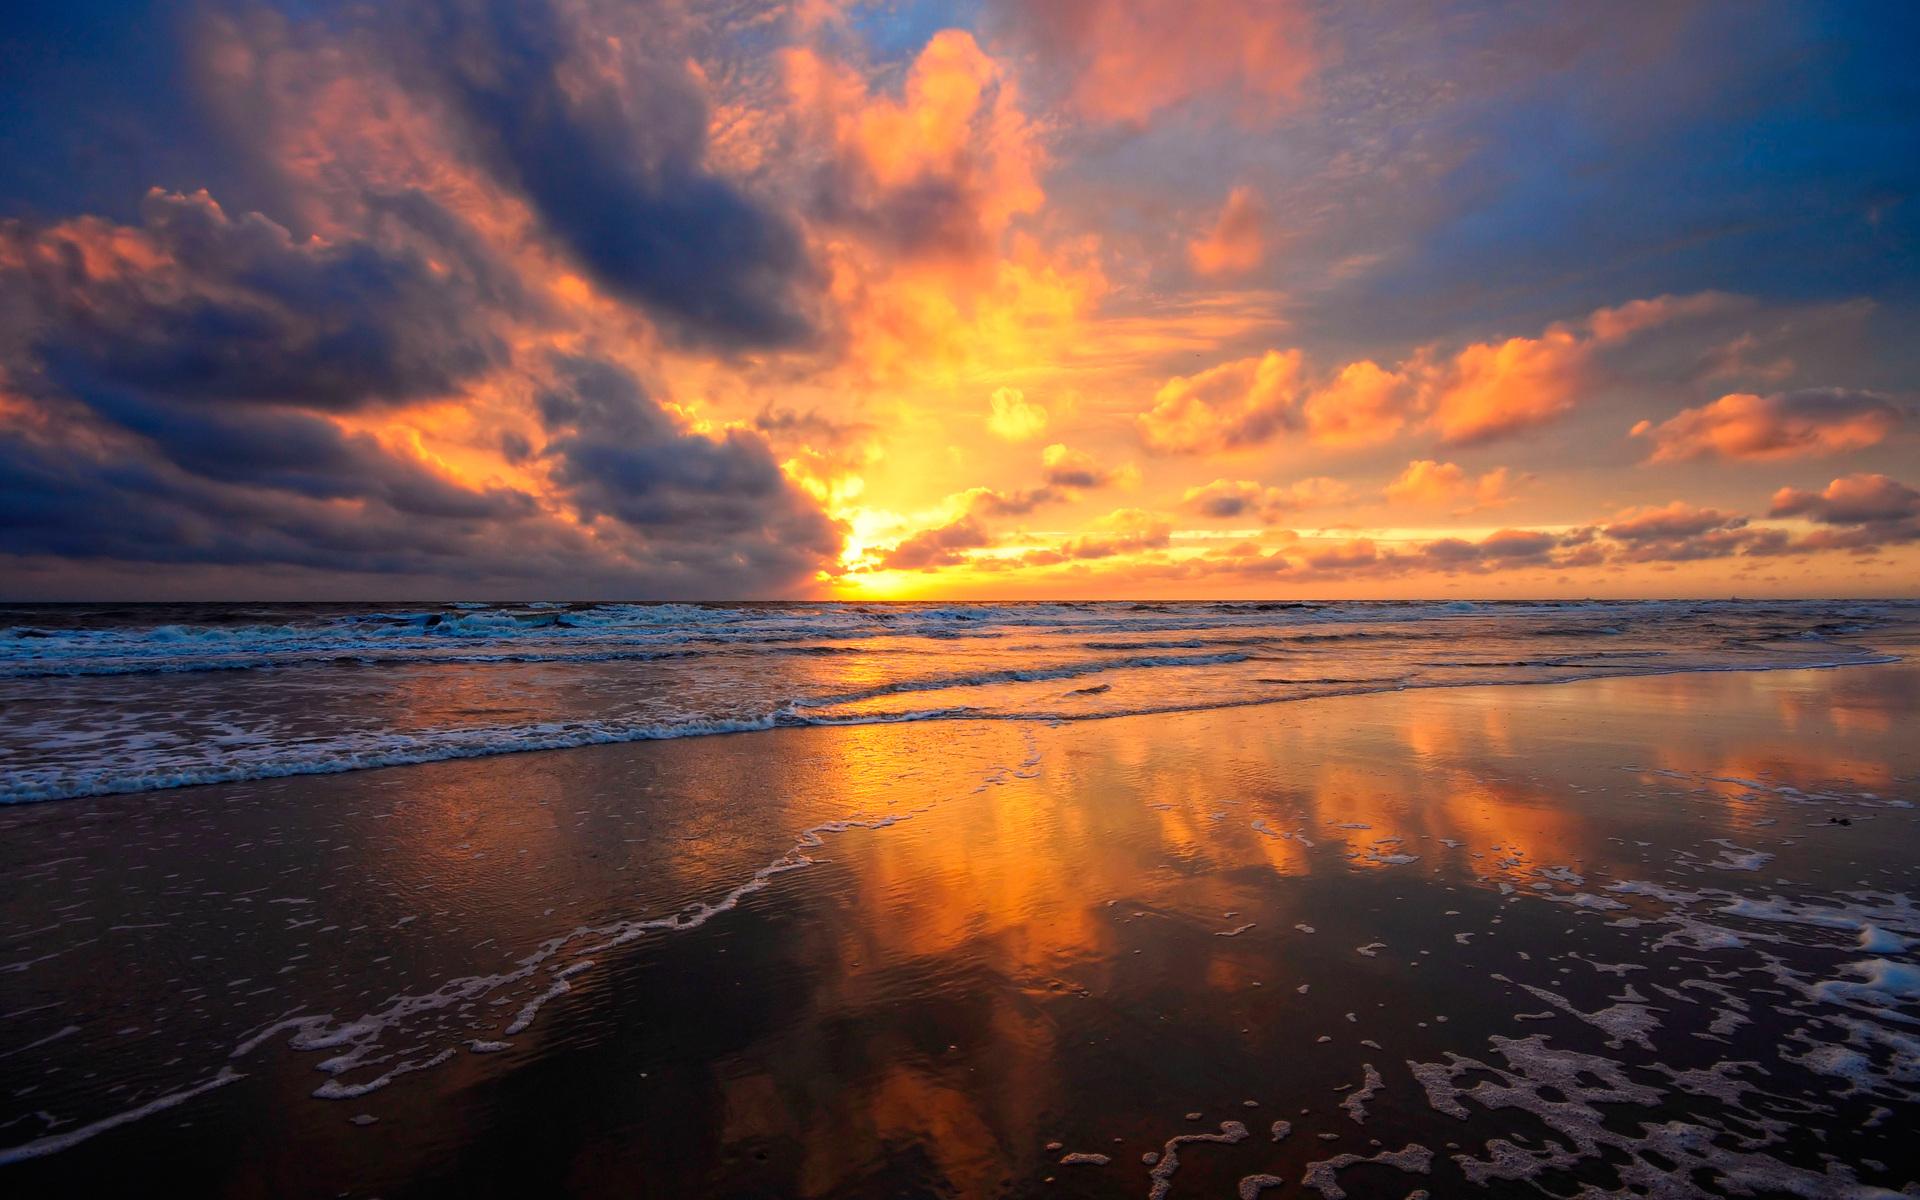 красивые фото море закат для фейсбук крайняя степень дайка